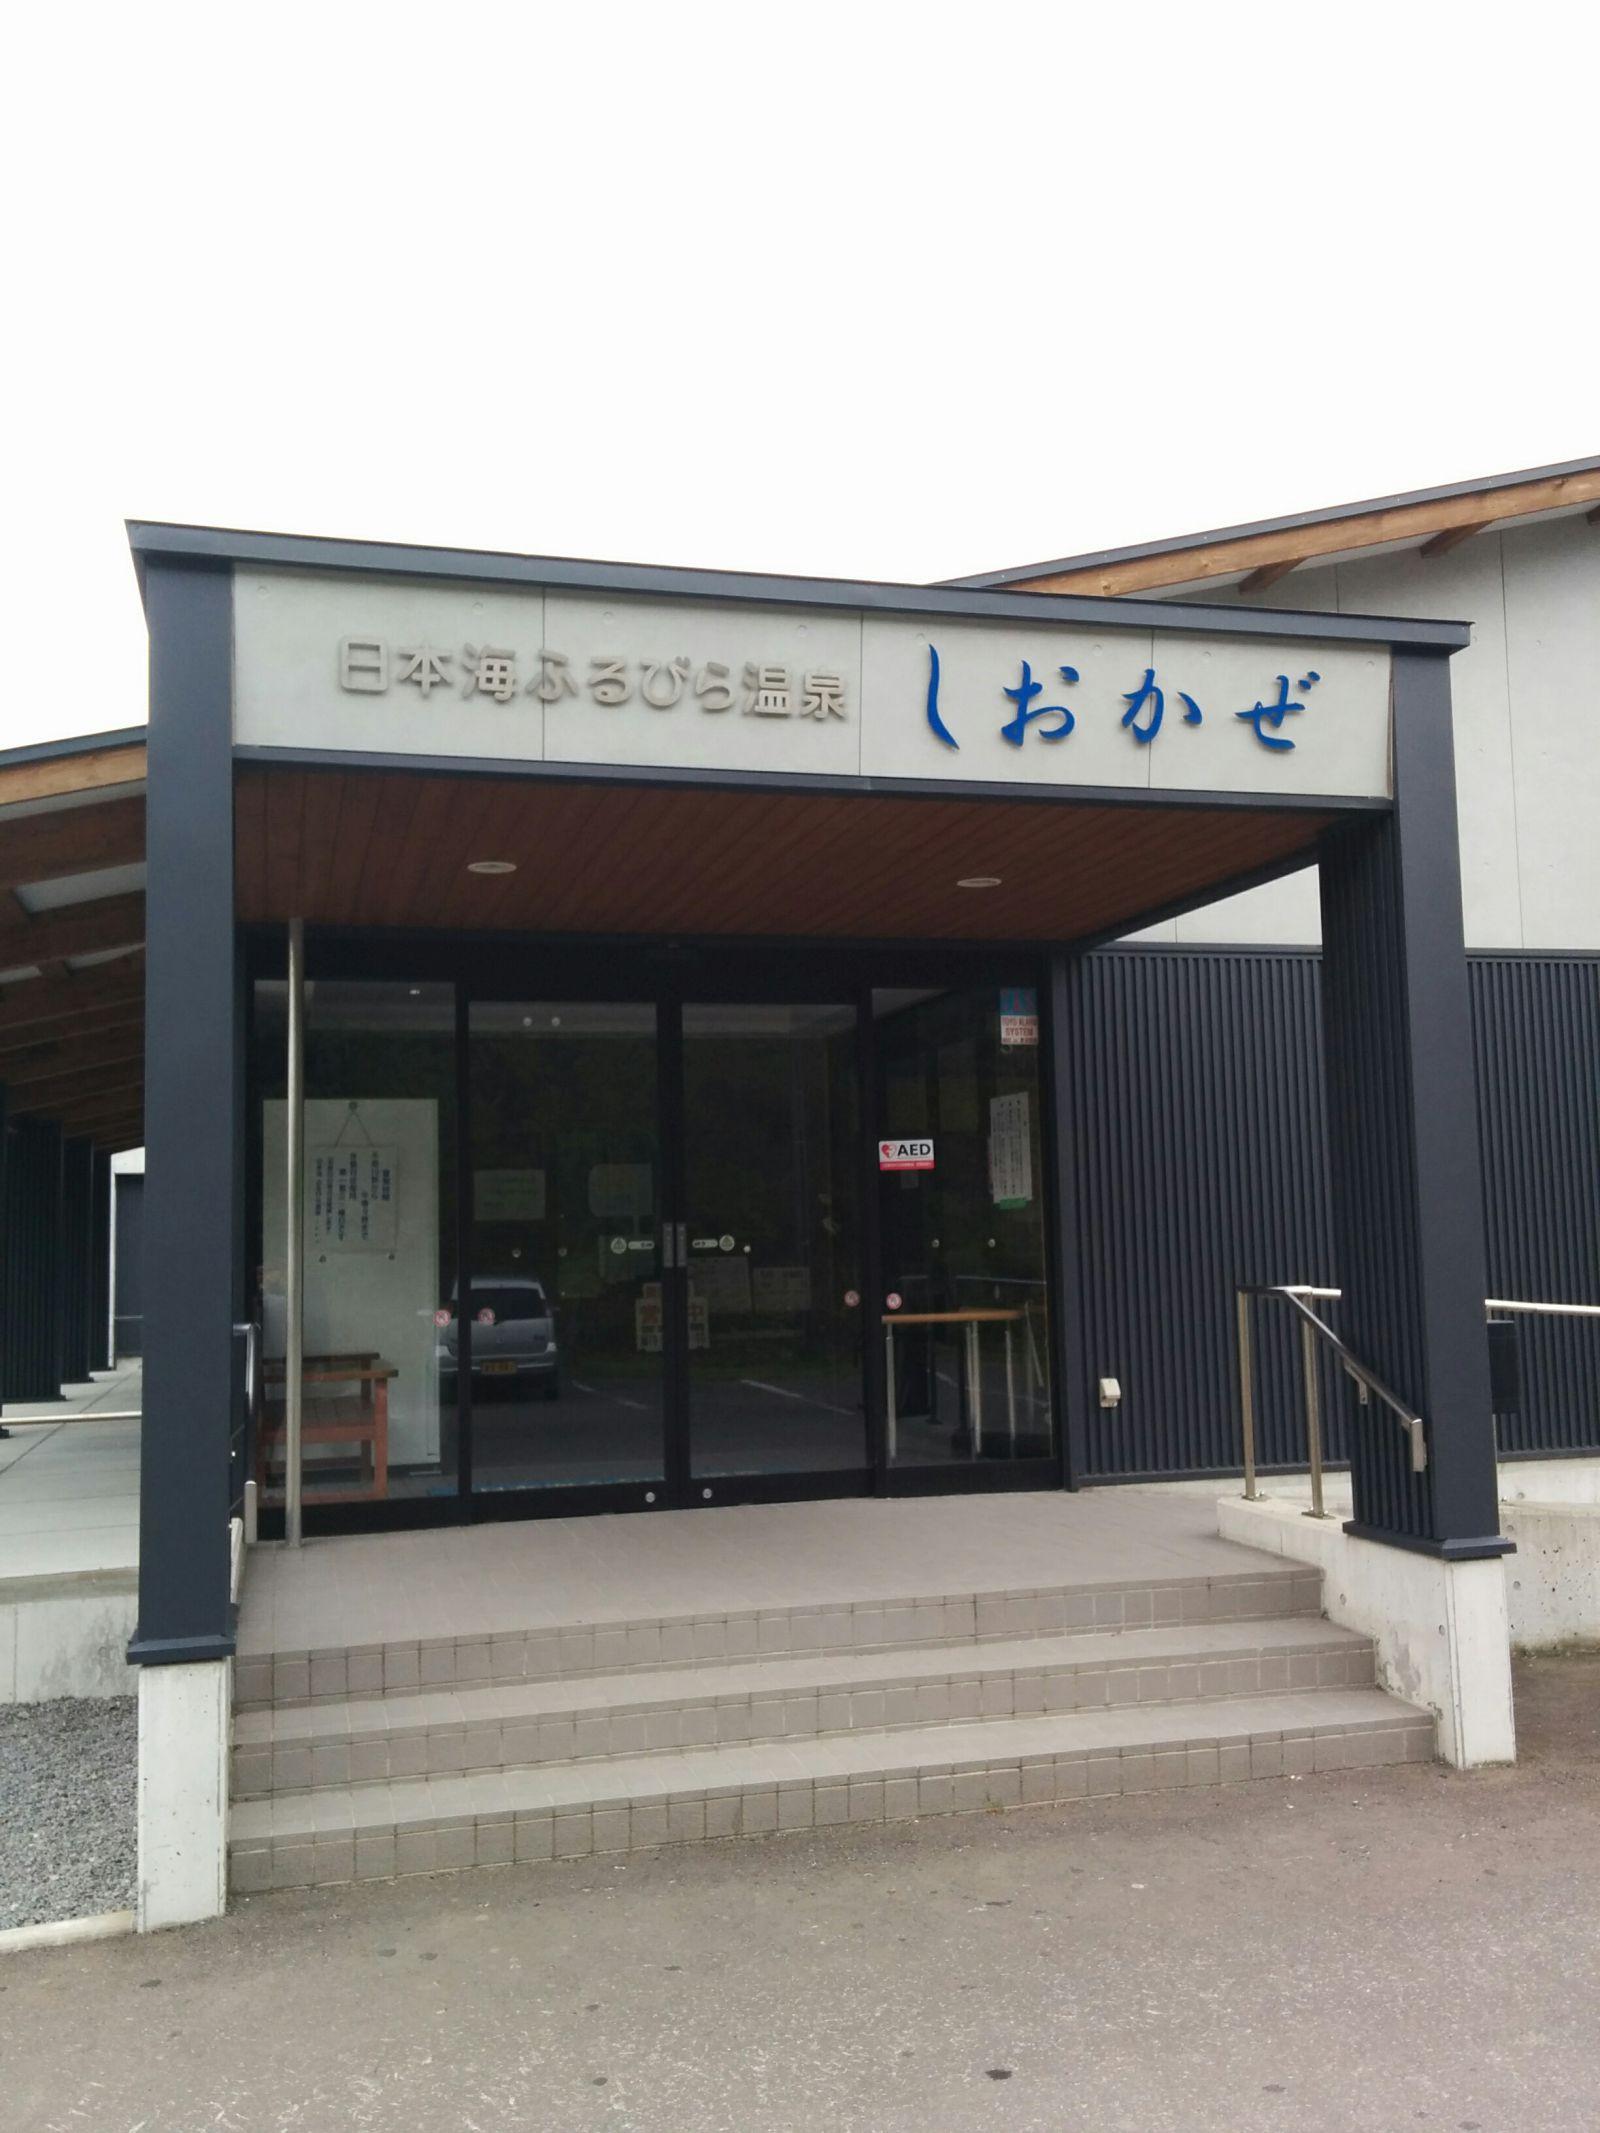 【古平町】春の古平町日本海ふるびら温泉しおかぜ観光案内です。